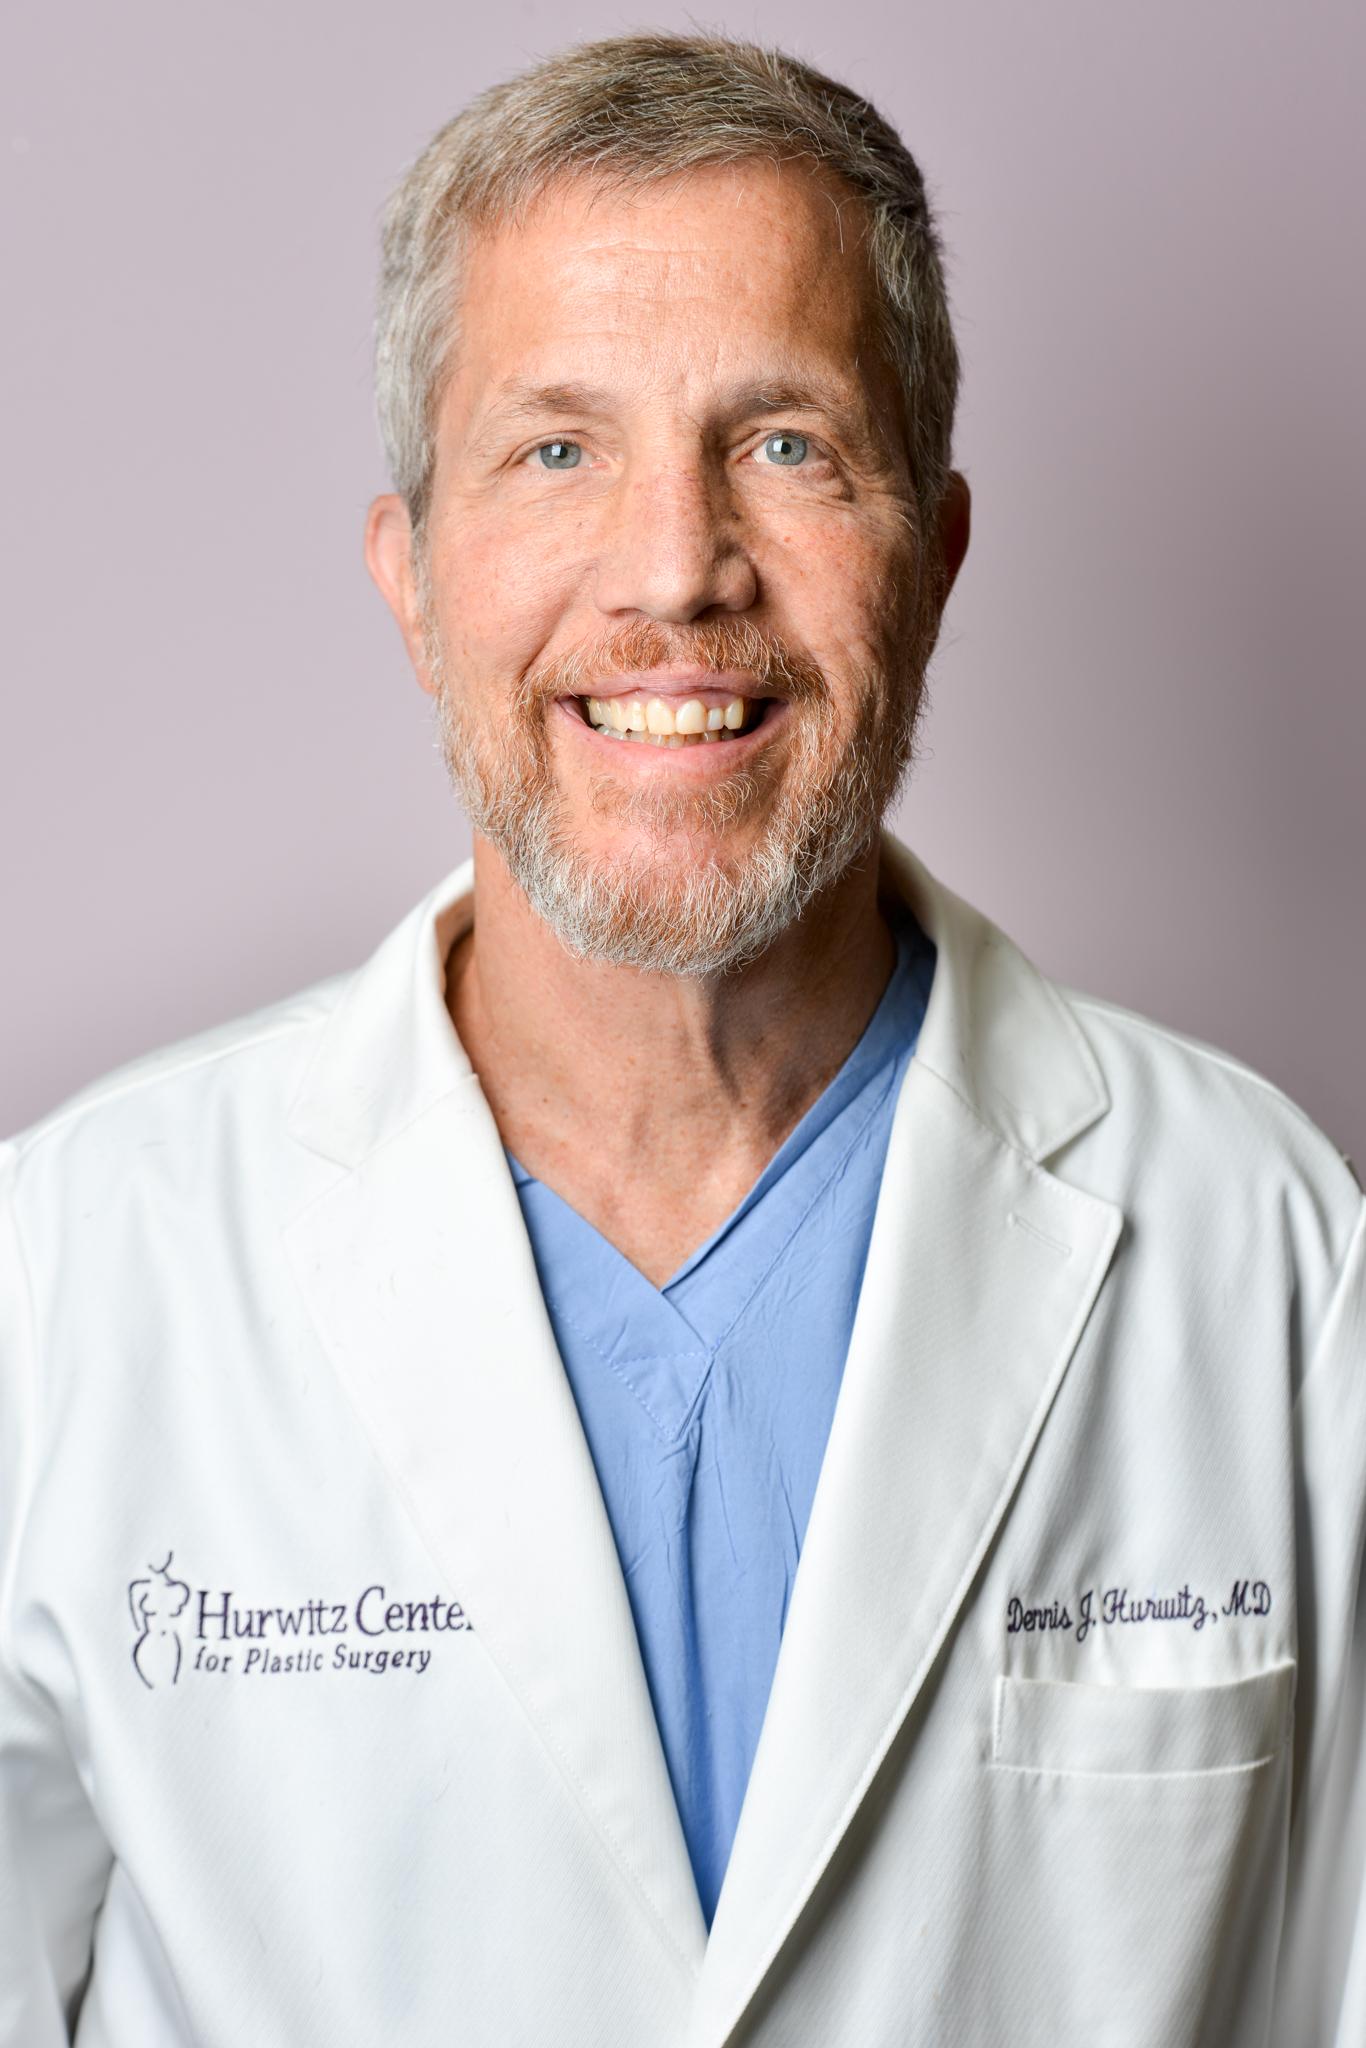 Dennis Hurwitz, MD